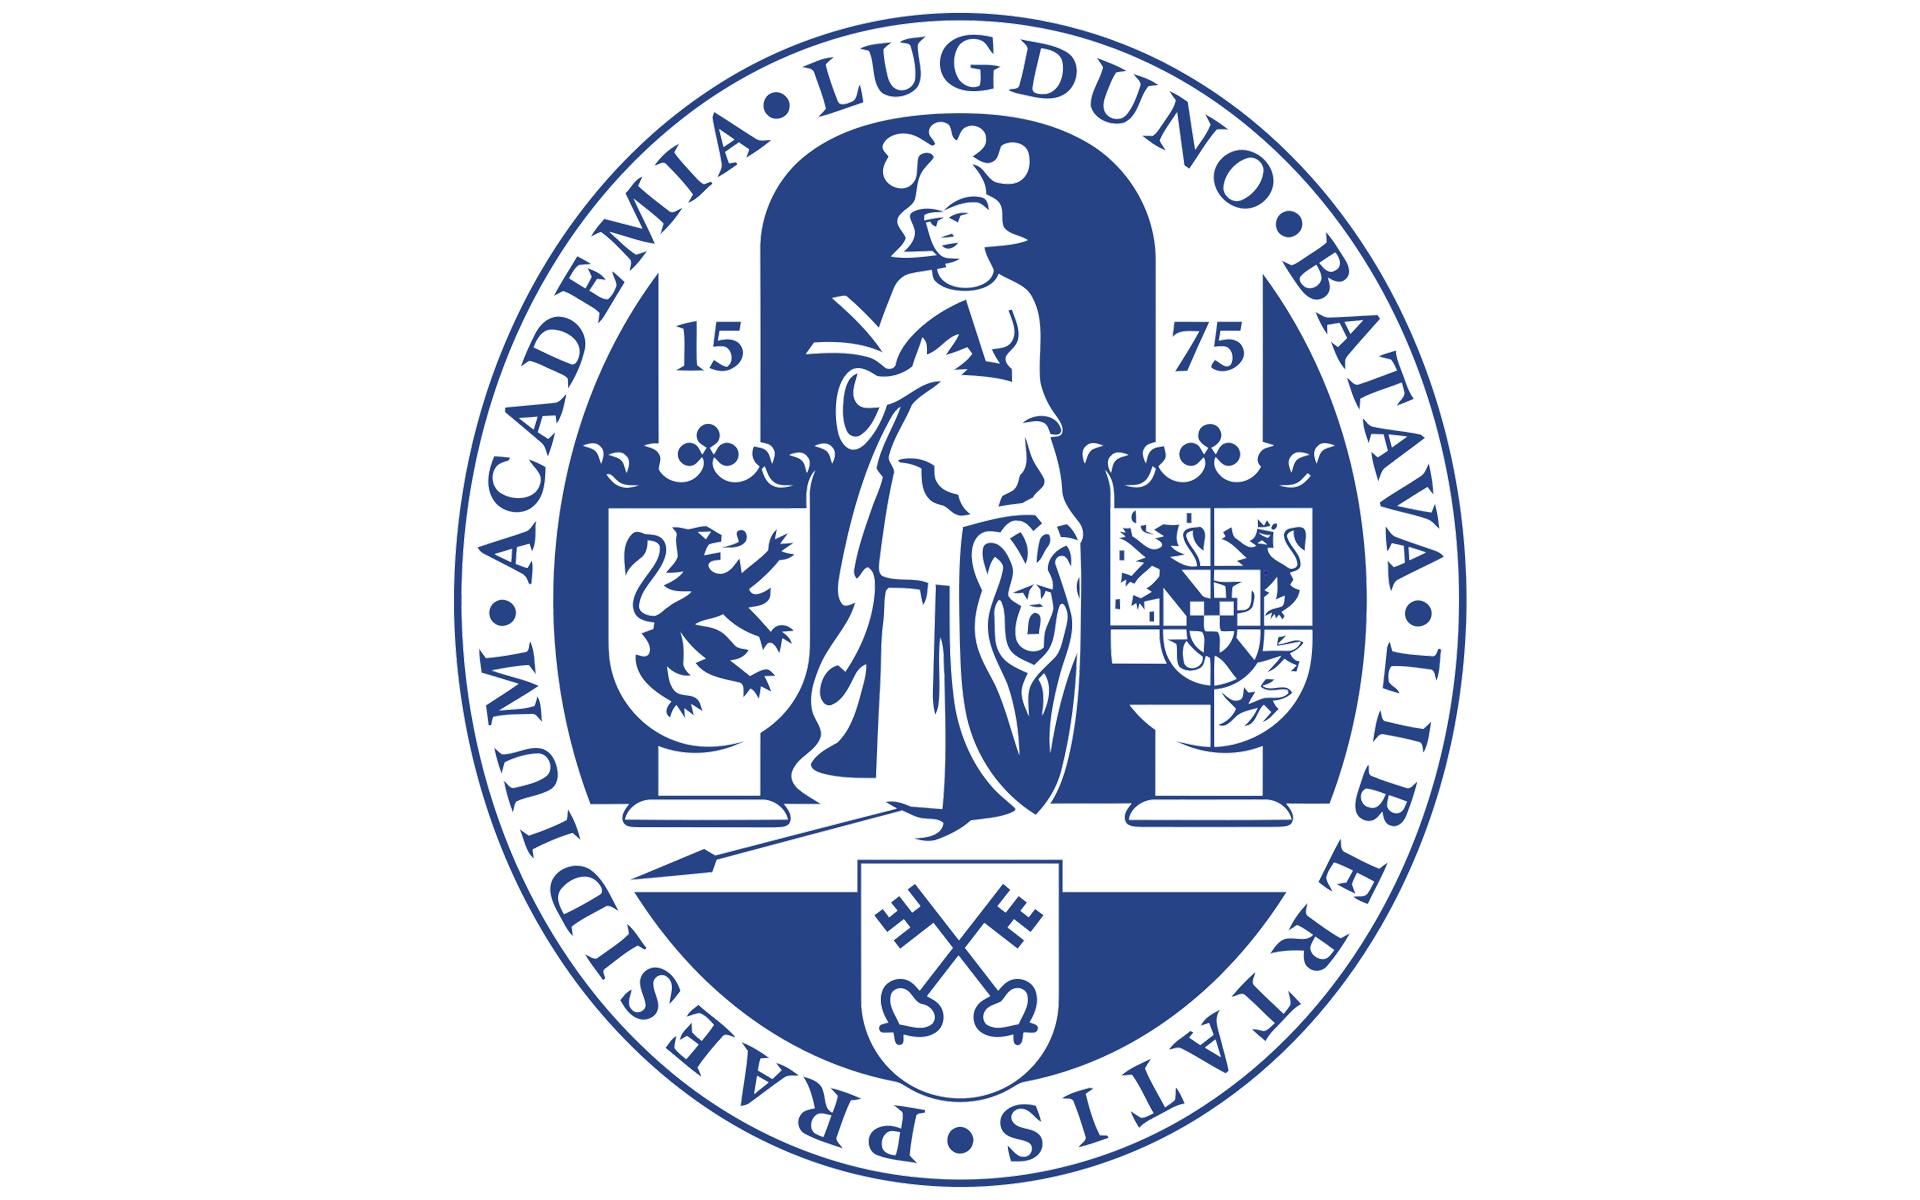 Вакансия доцента Кафедры глобальных трансформаций и проблем управления в Лейденском университете, Нидерланды